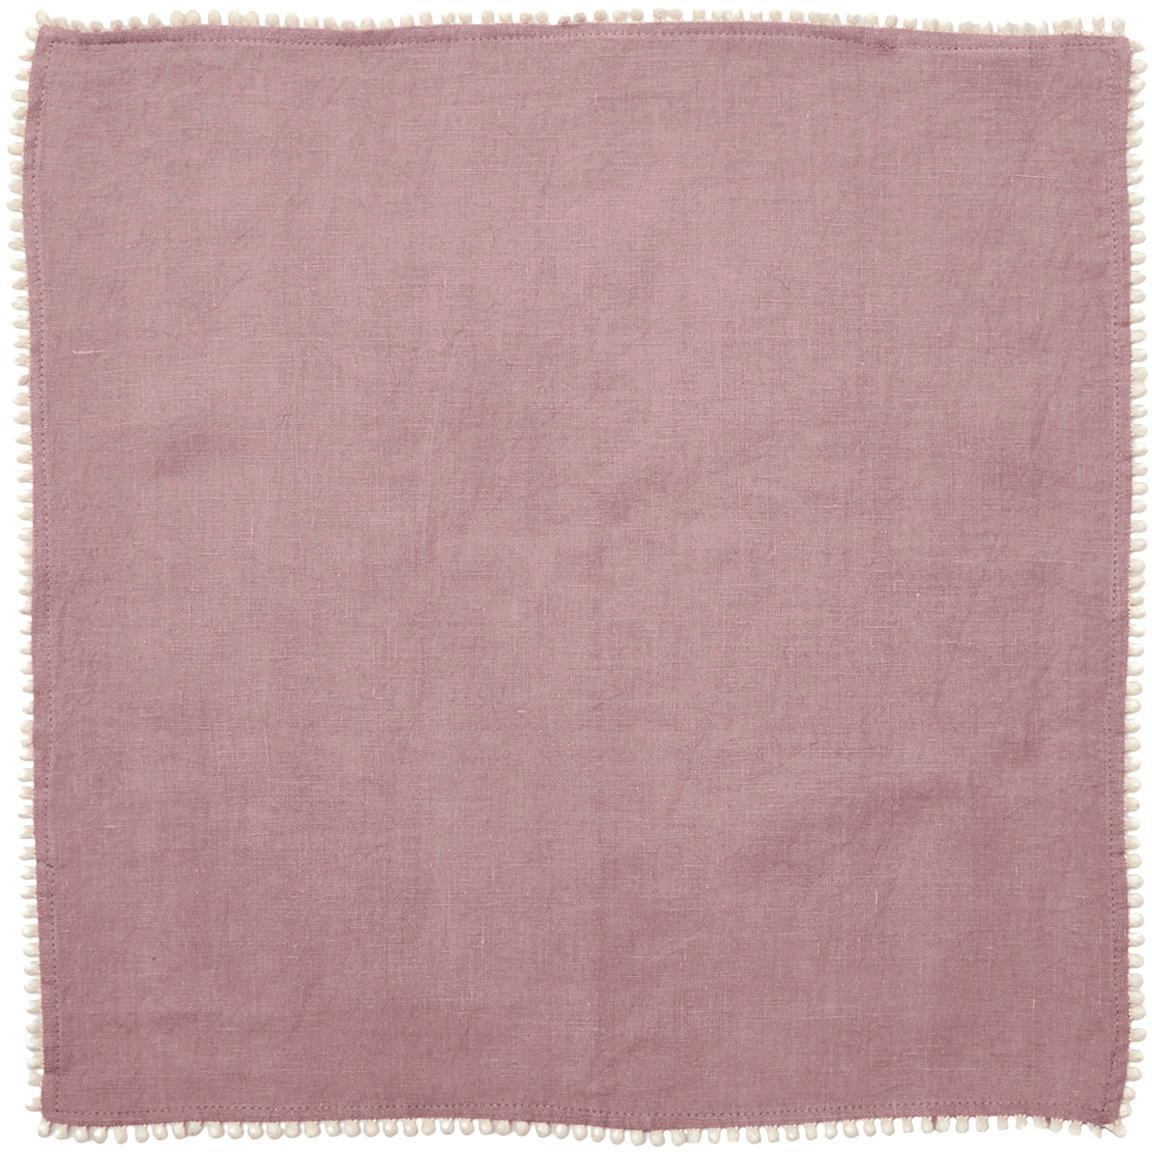 Serwetka z lnu Pom Pom, 4 szt., Len, Brudny różowy, S 46 x D 46 cm